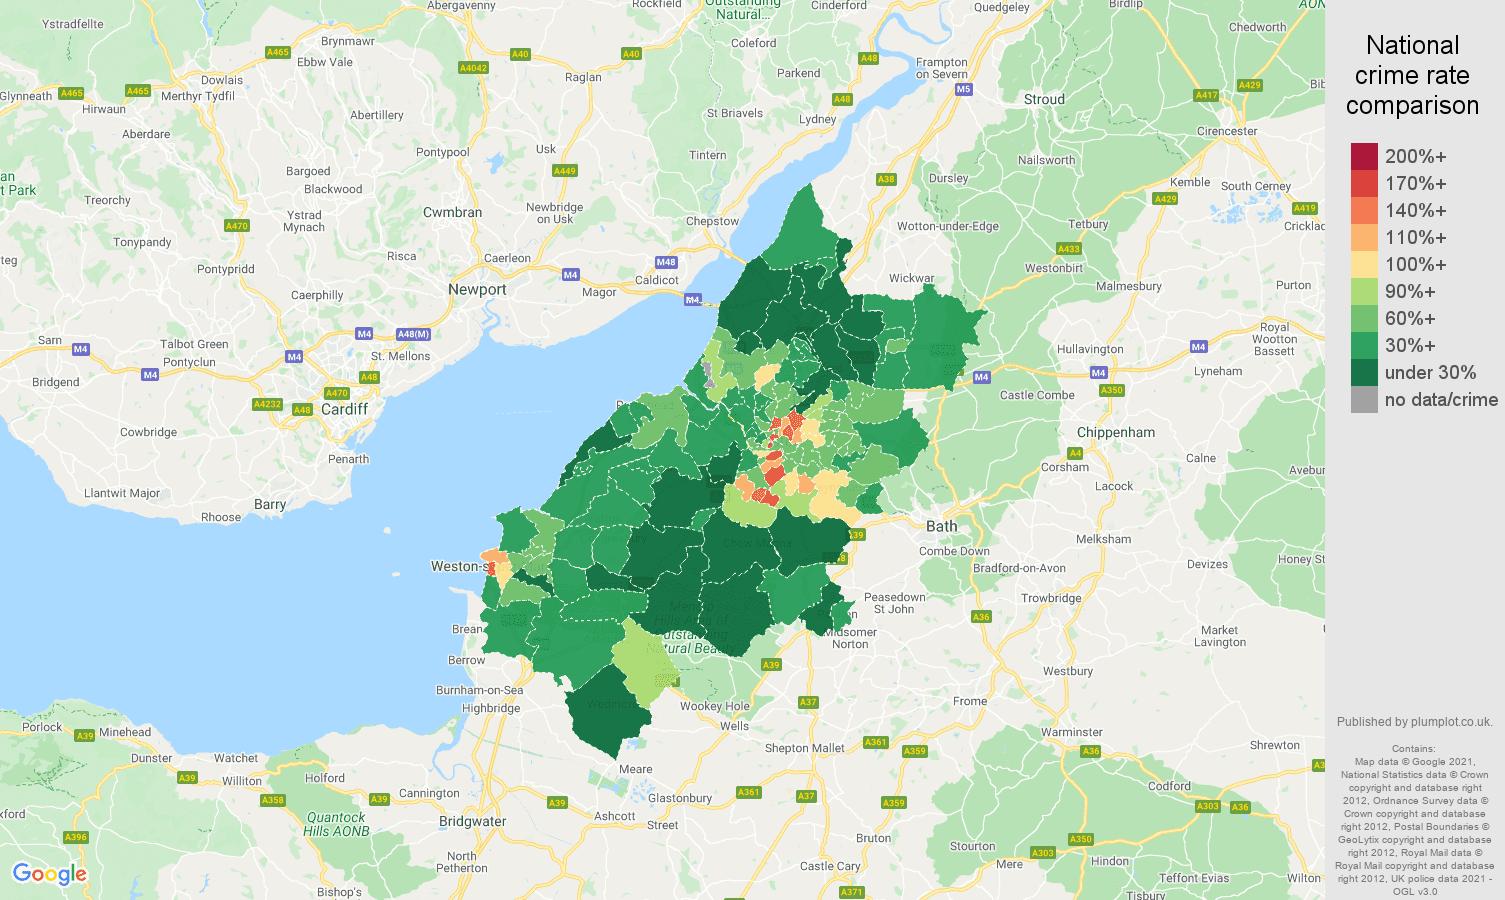 Bristol antisocial behaviour crime rate comparison map